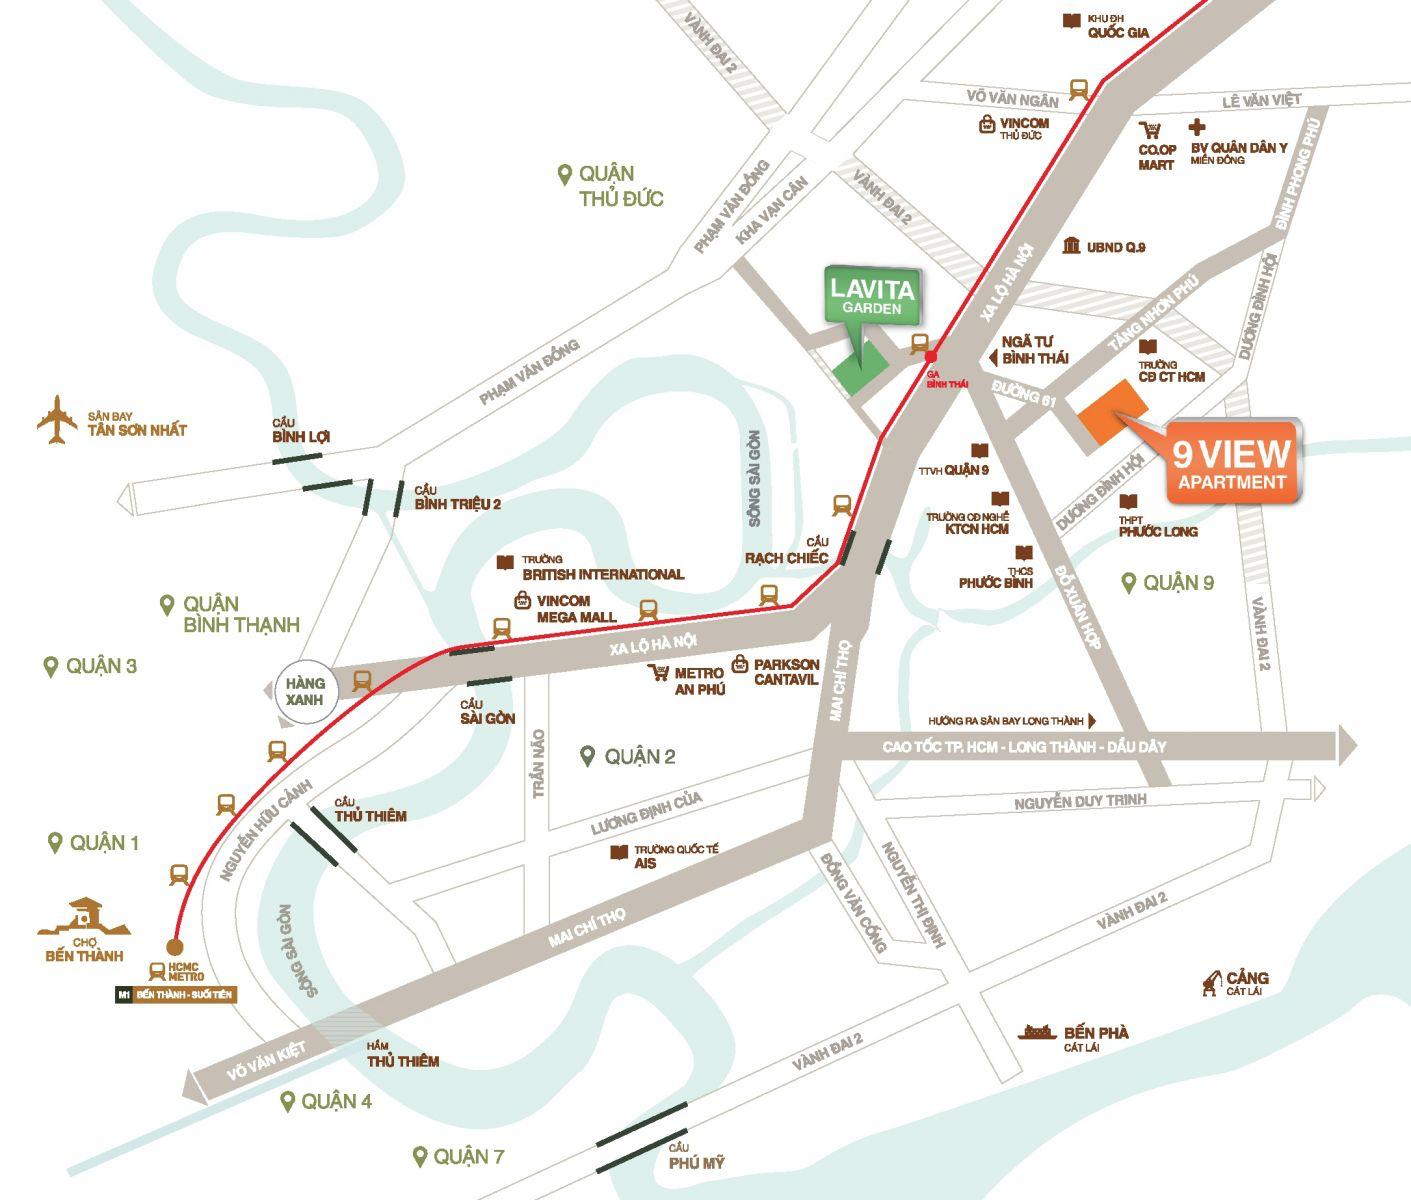 Vì sao tôi chọn chung cư 9 View Hưng Thịnh giữa hàng loạt dự án ở quận 9? 8